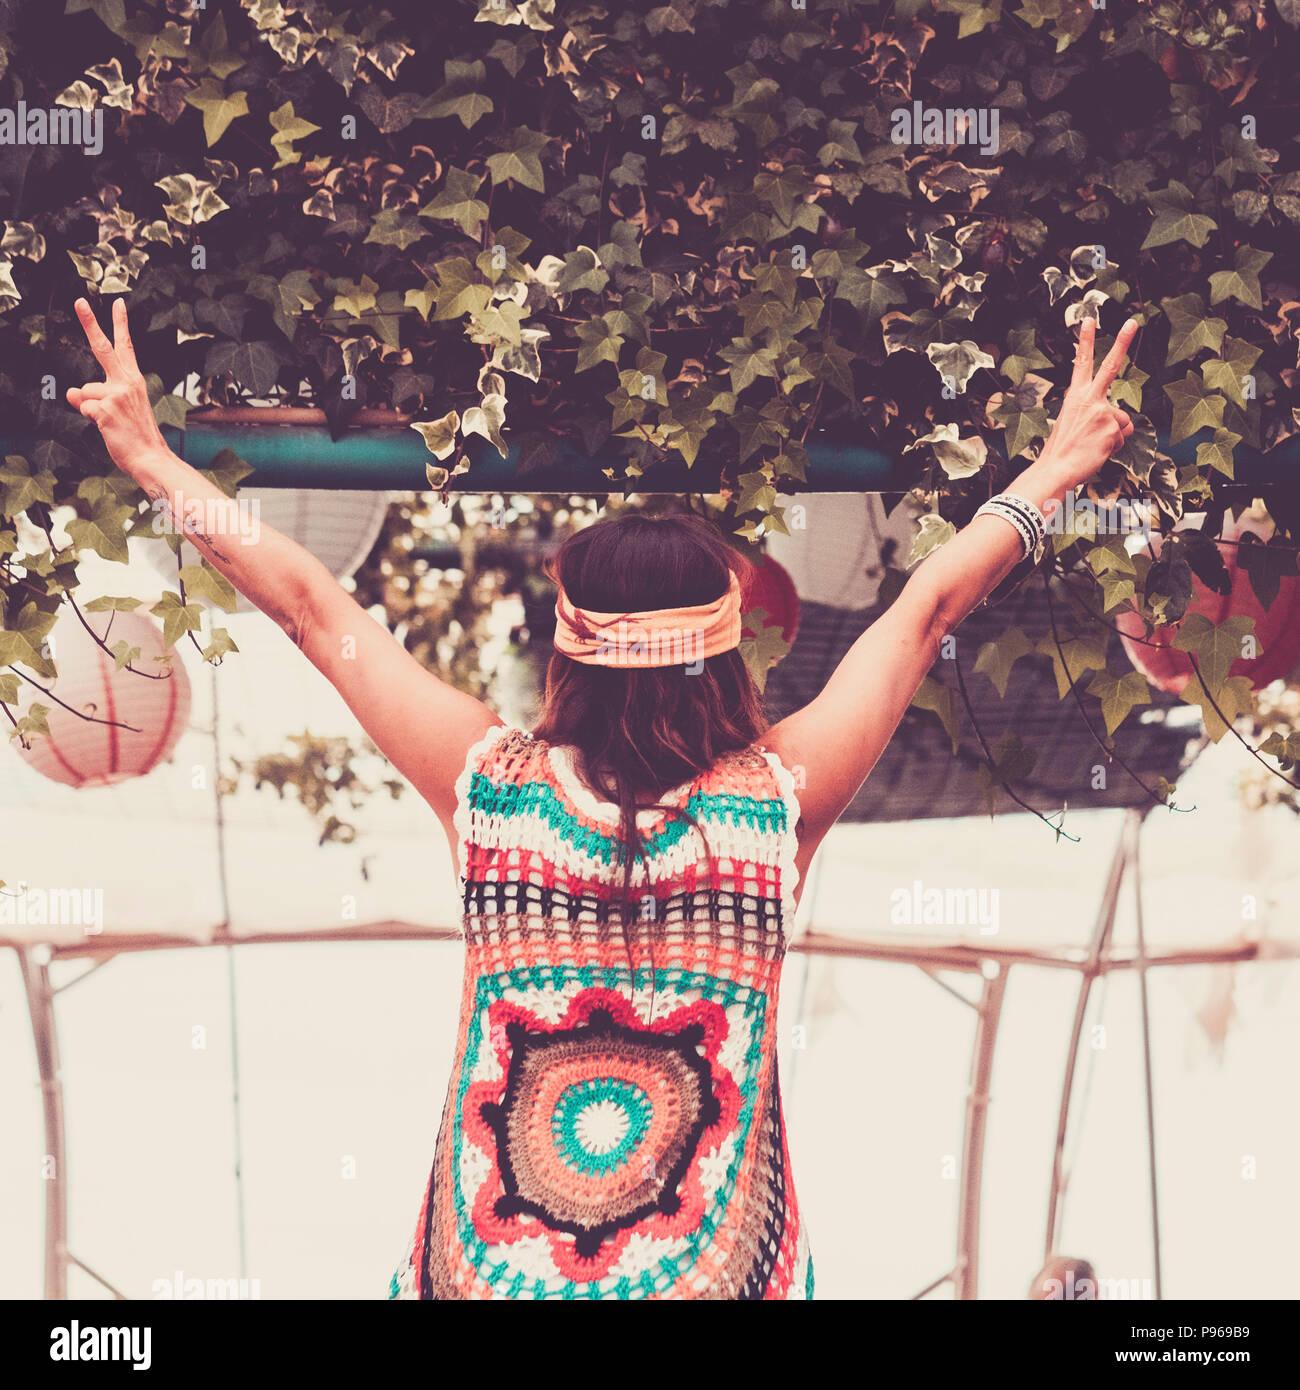 Imagen concepto ganador con libertad chica visto desde atrás abriendo los brazos y abriendo los dedos. ropa hippie como en los años '60. Imagen De Stock